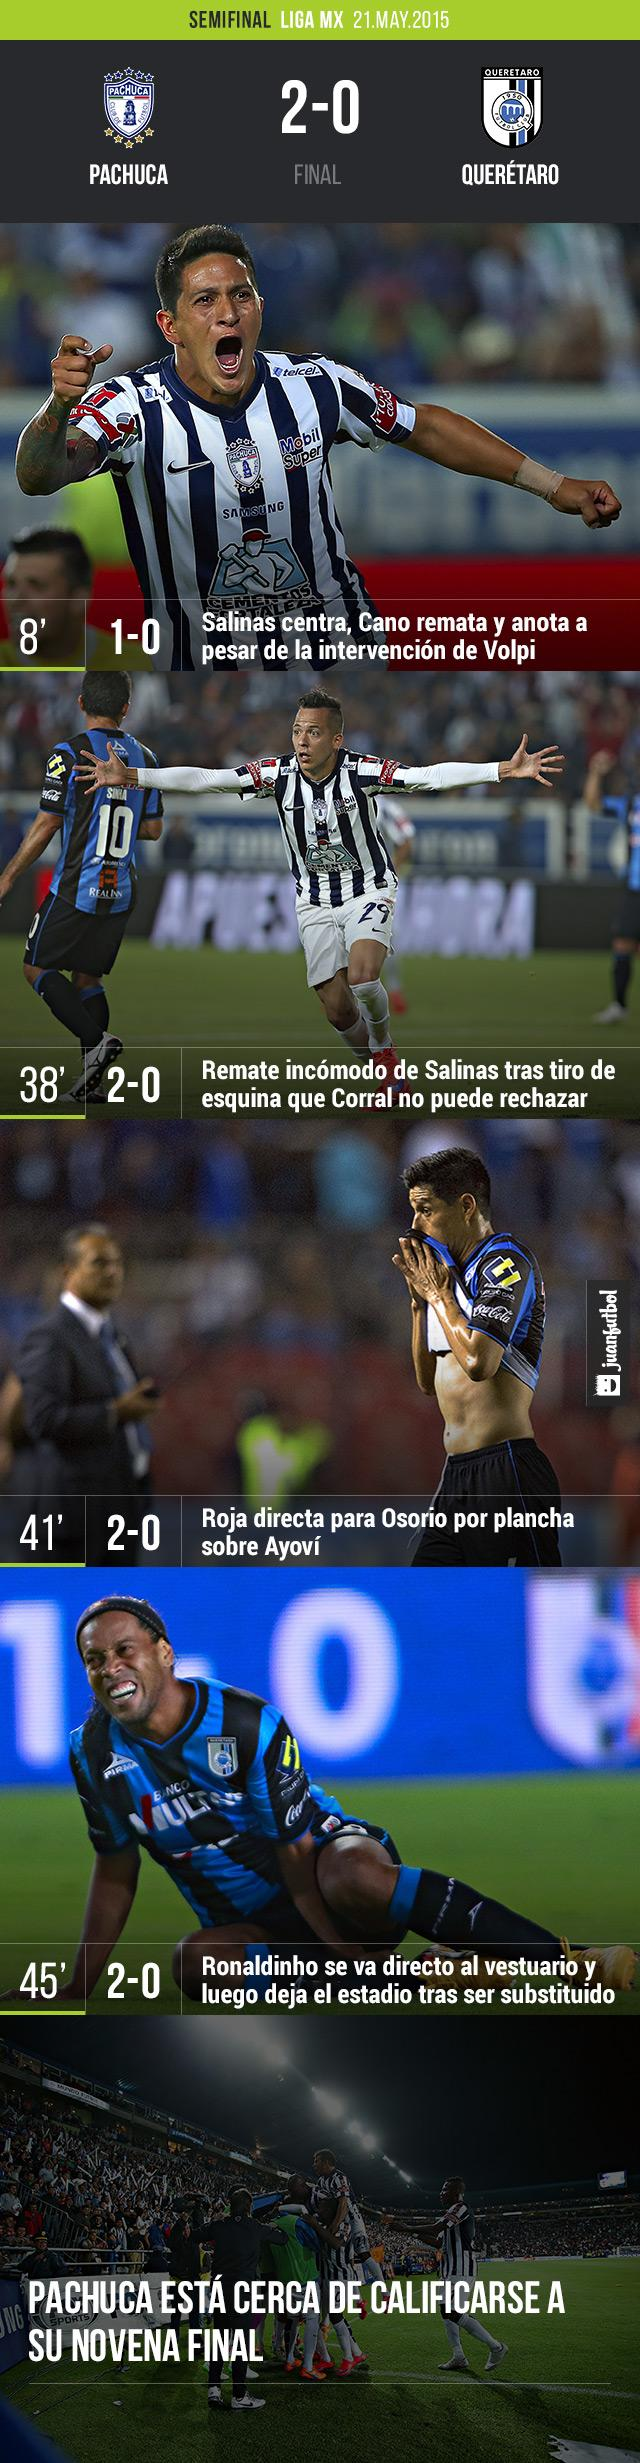 Pachuca derrota 2-0 al Querétaro con goles de Cano y Salinas